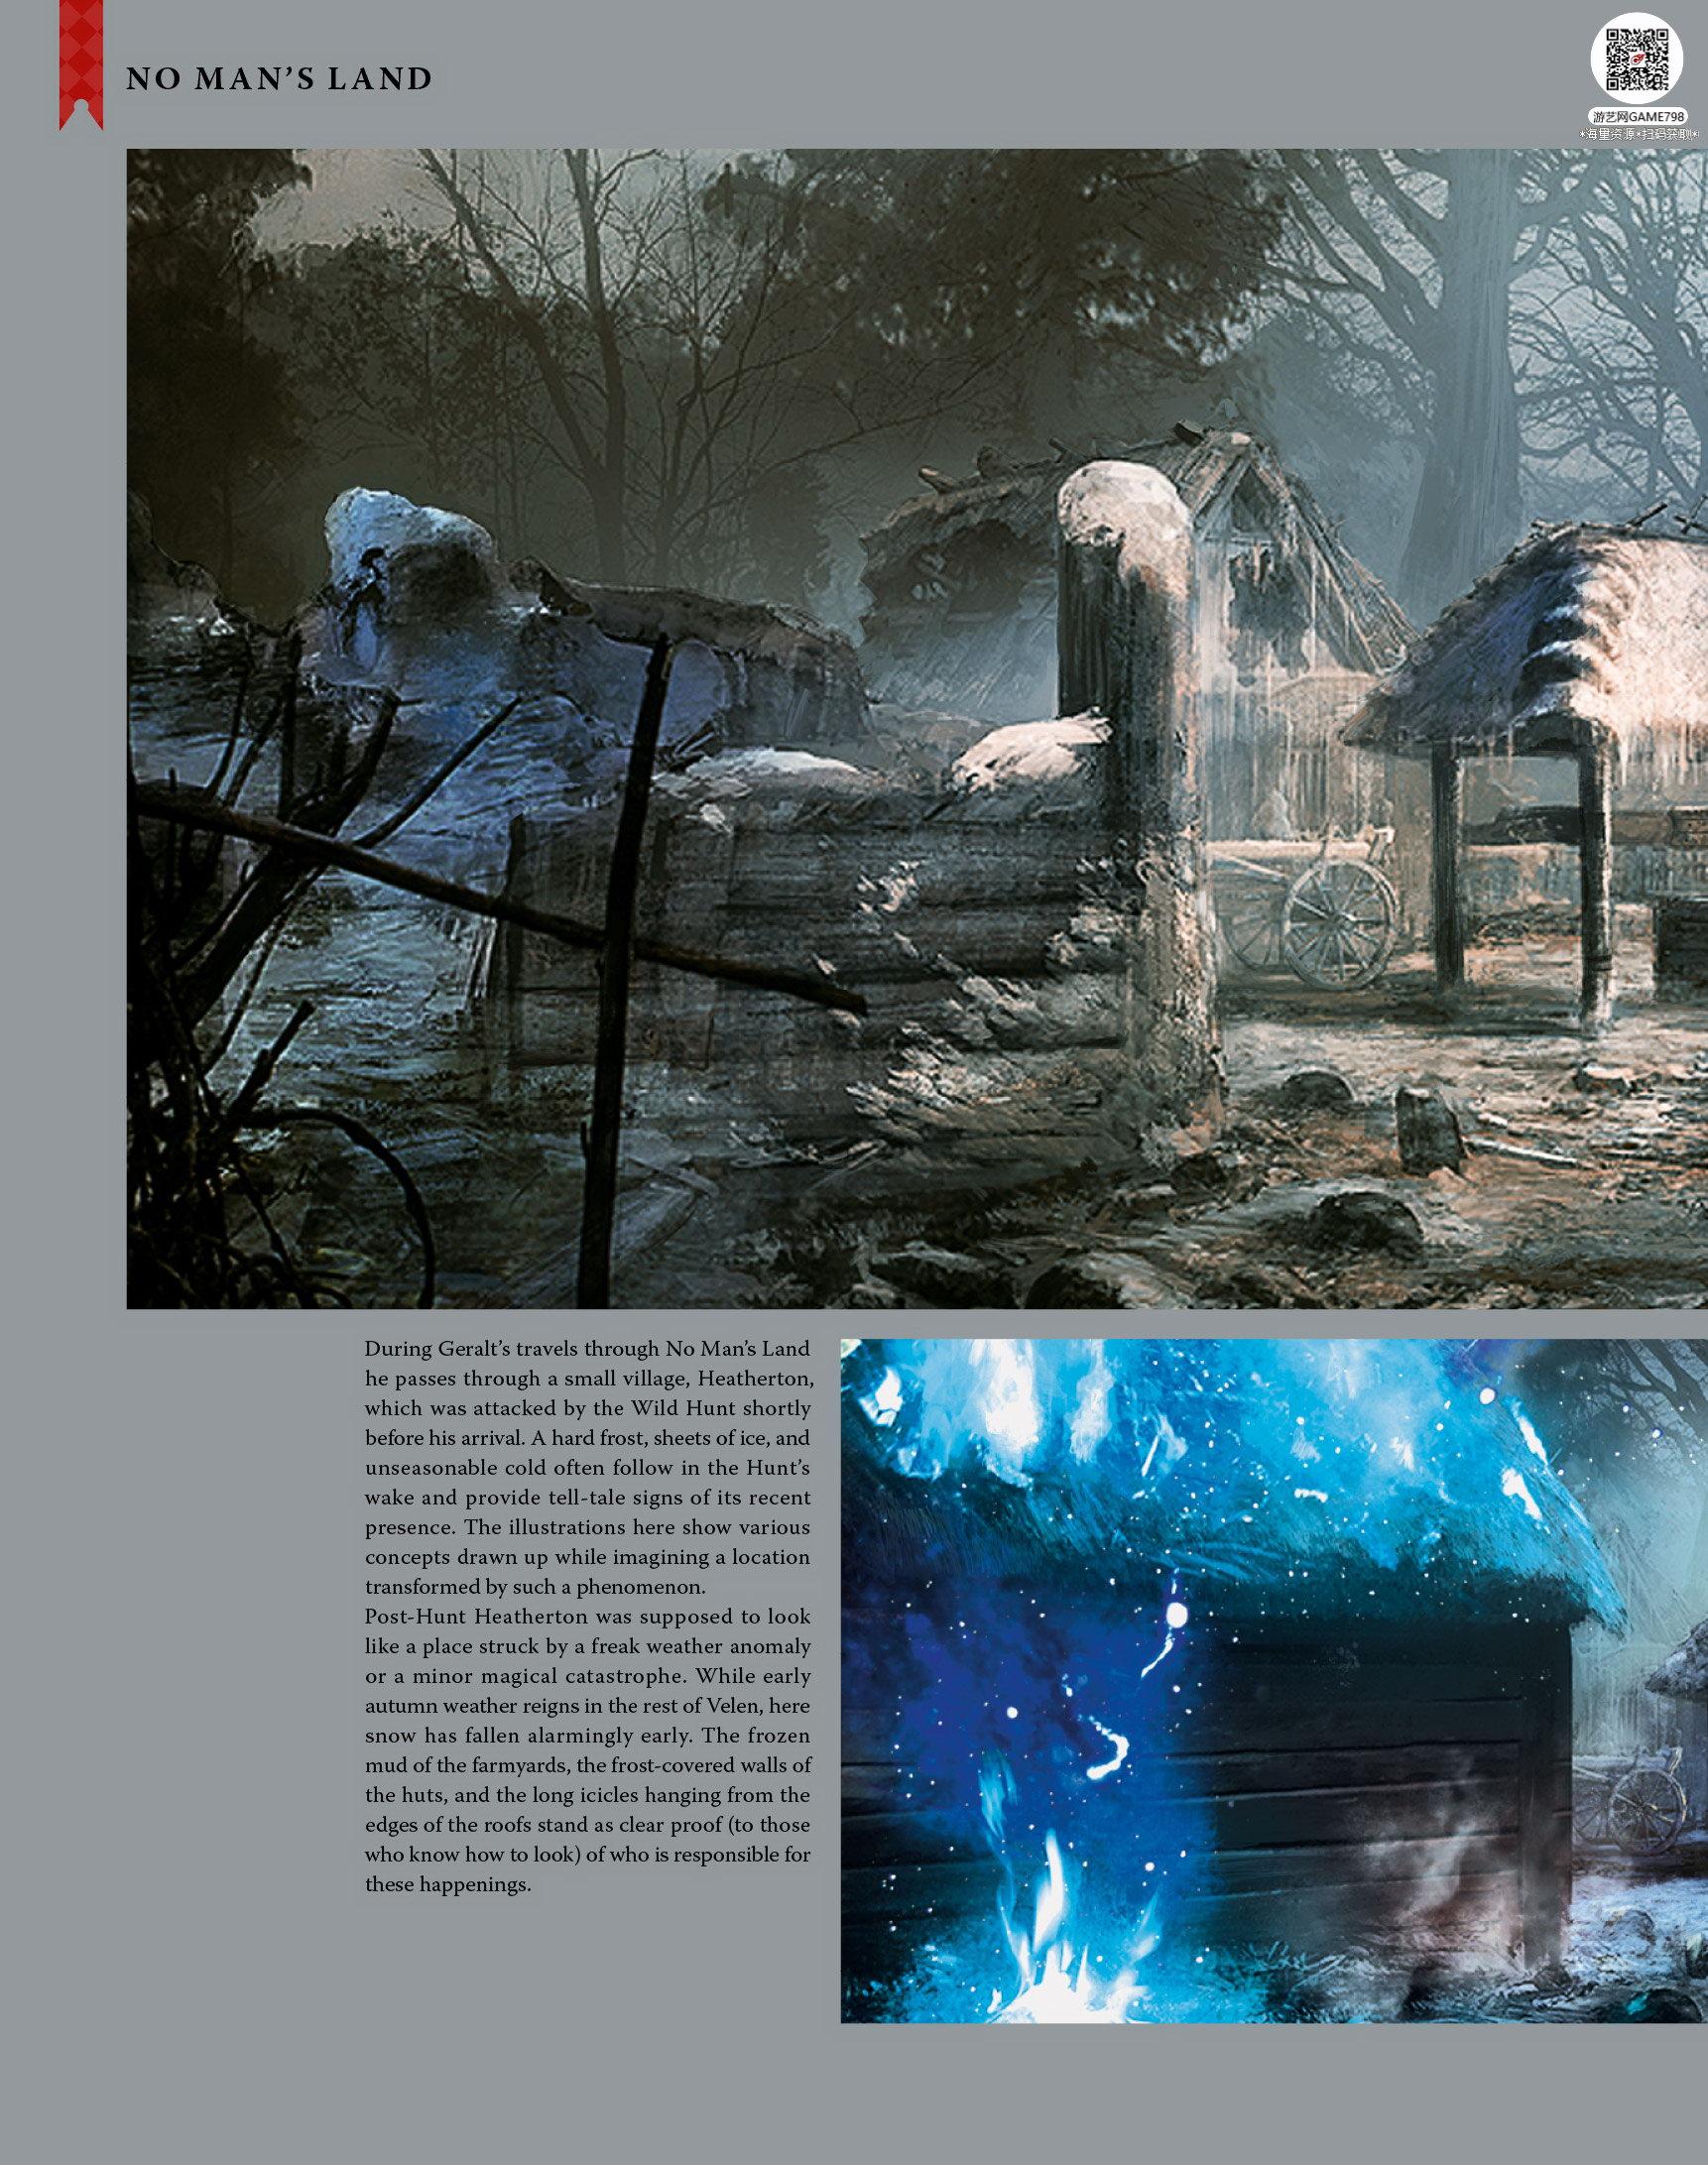 019_关注游艺网公众号获海量资源_次世代游戏巫师3(Witcher)官方原画概念设定.jpg